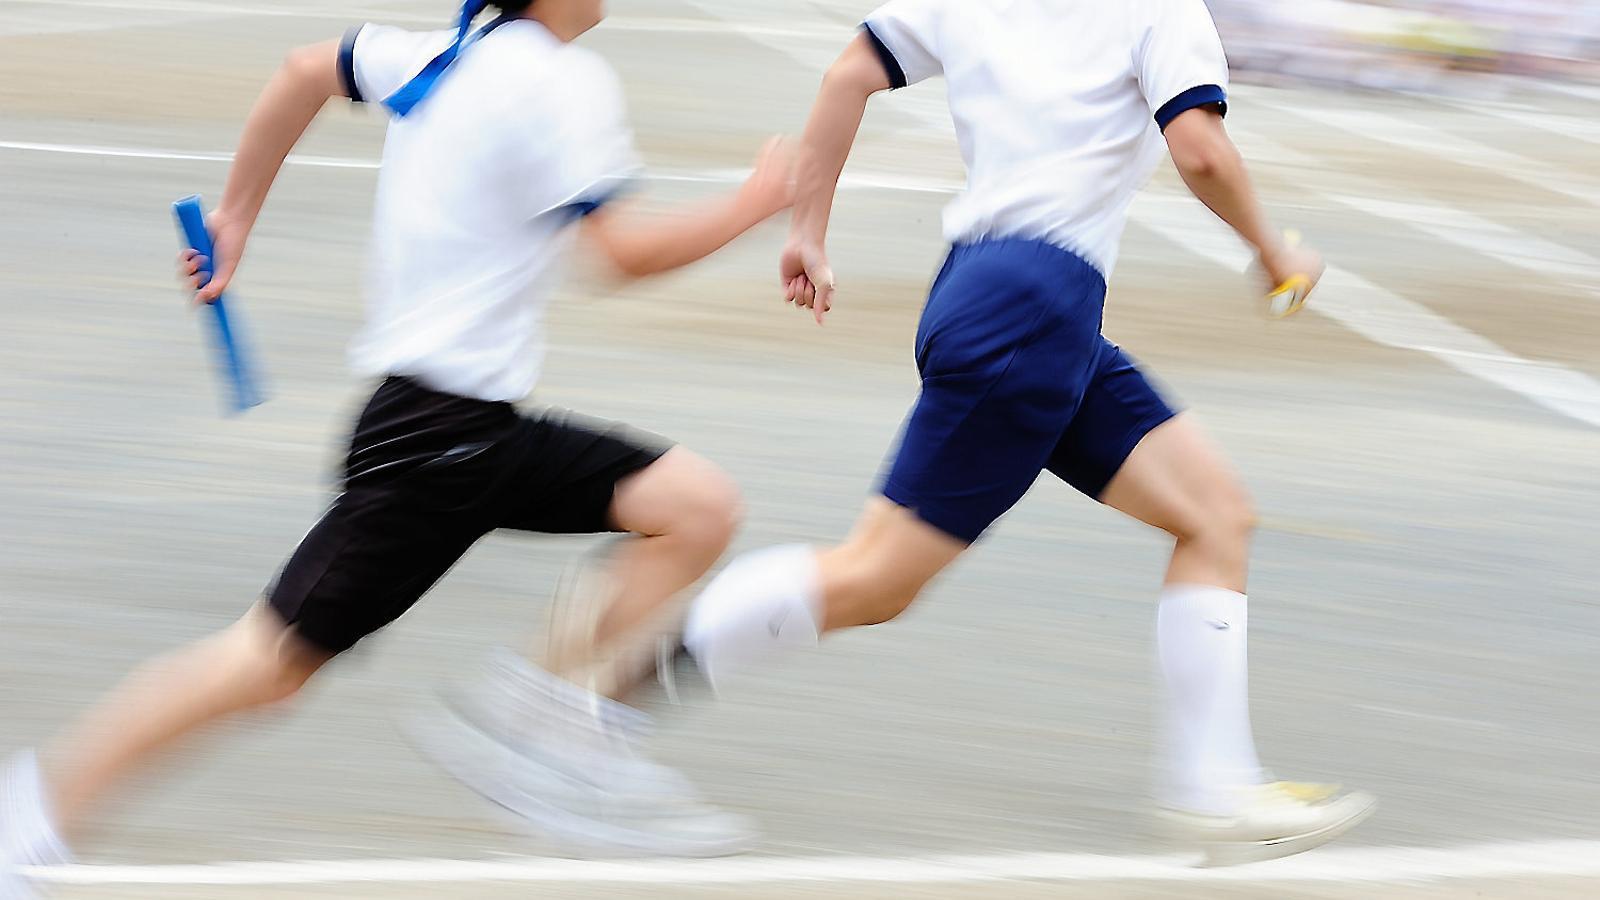 Joves nipons entrenant-se. Al Japó es creu que els càstigs corporals formen part de l'entrenament i la disciplina.